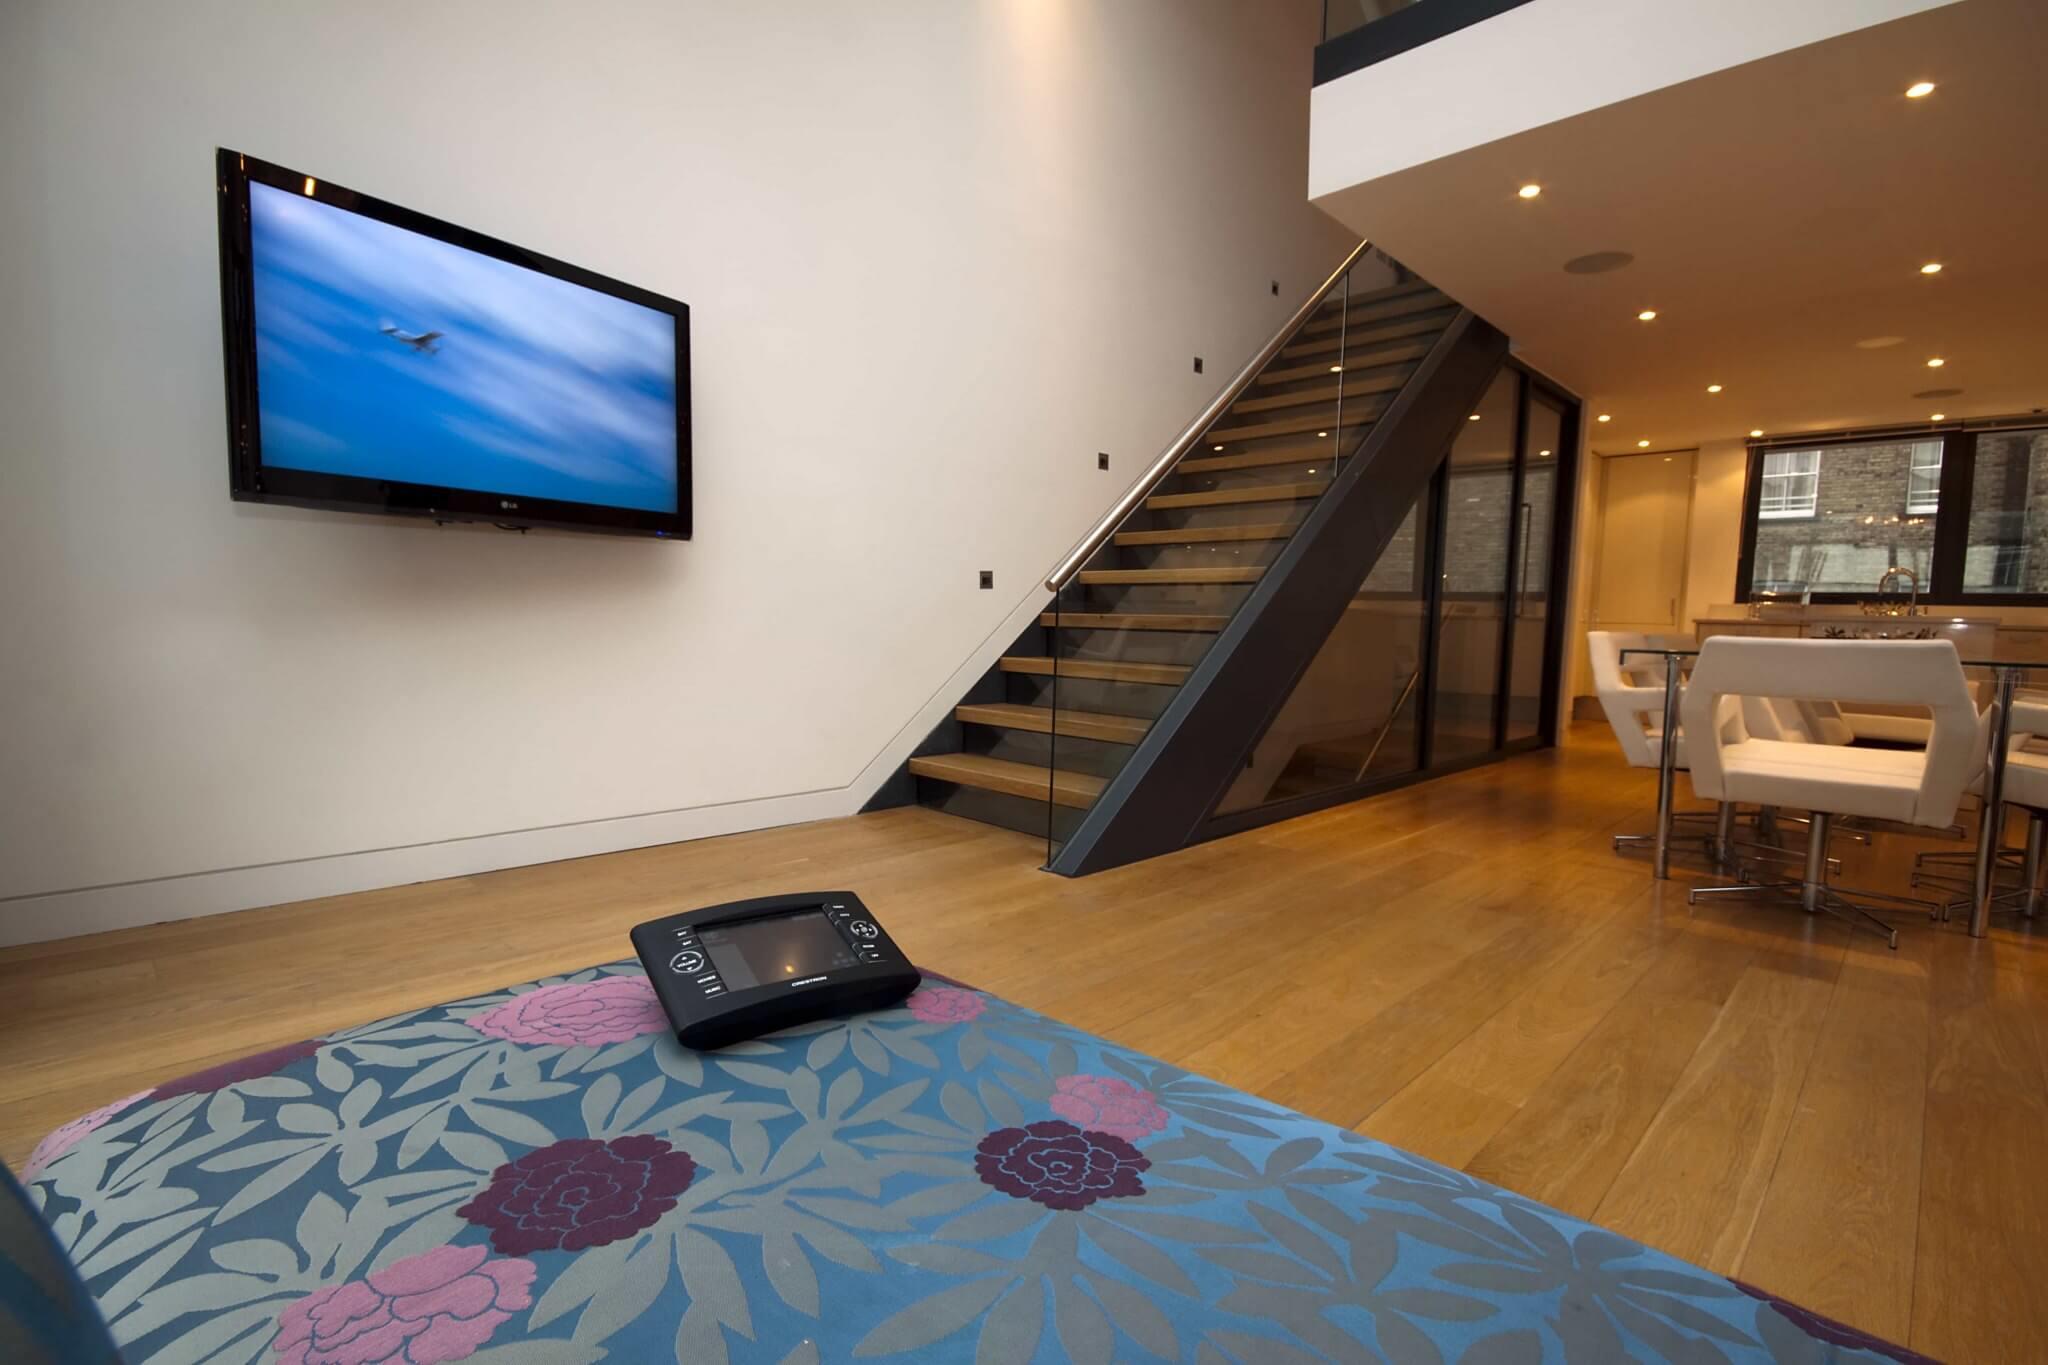 Living Room Audio Video in Baker St